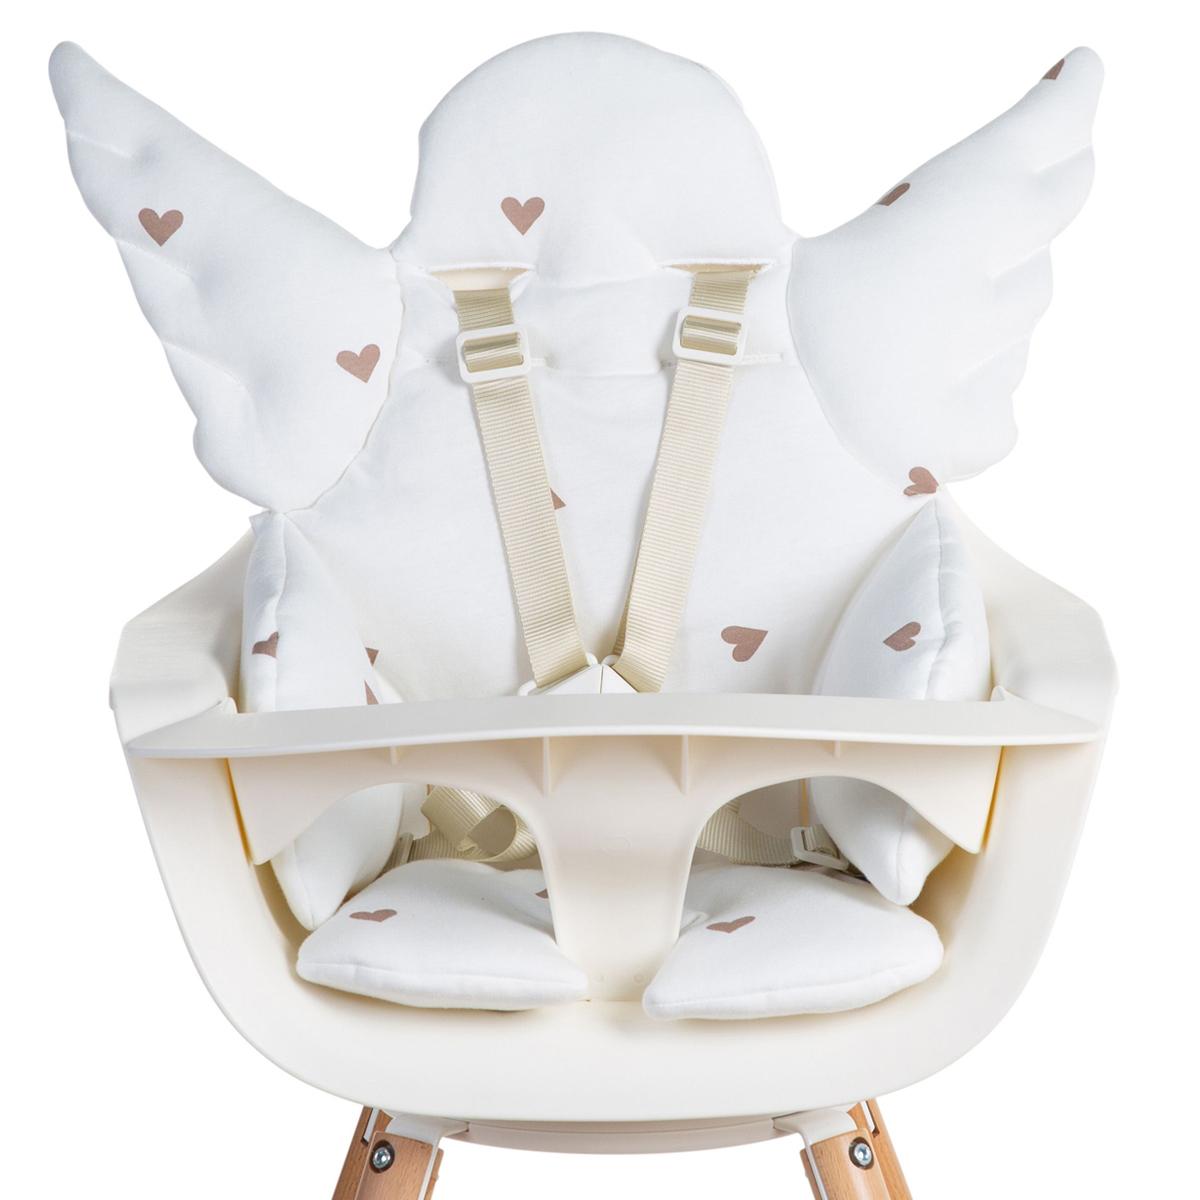 Chaise haute Coussin de Chaise Haute Ange Jersey - Hearts Coussin de Chaise Haute Ange Jersey - Hearts